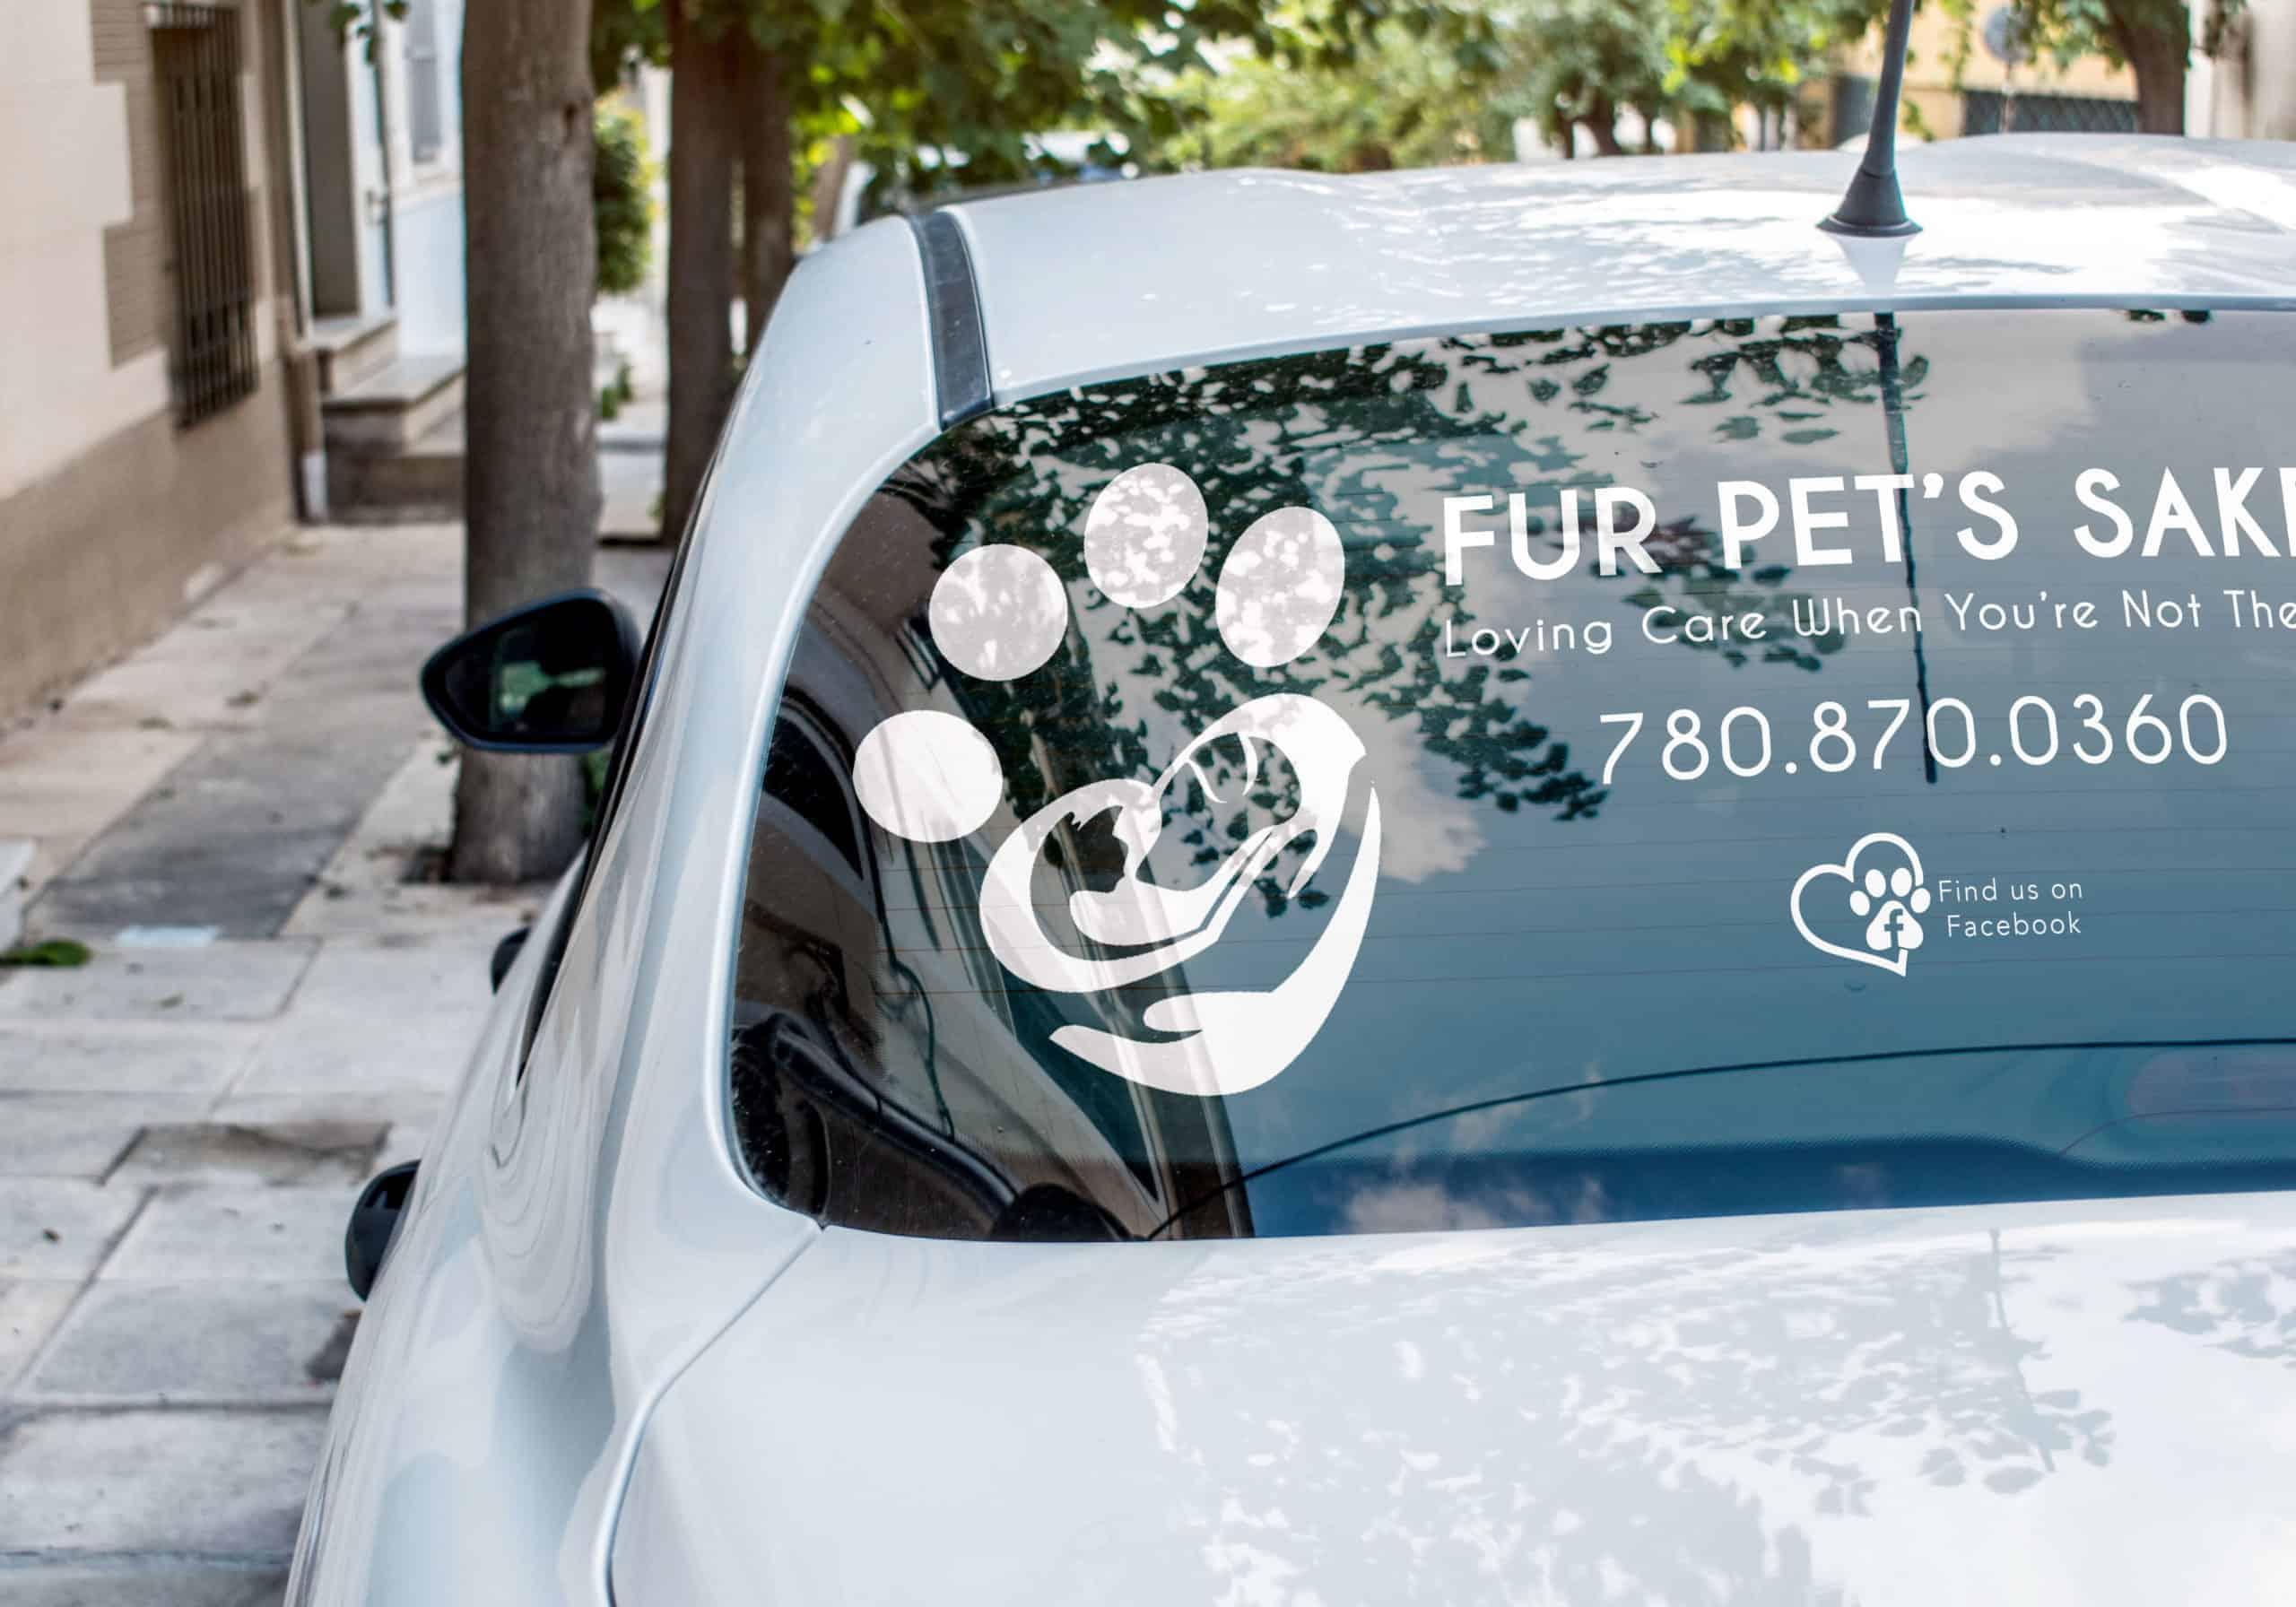 Fur Pet Sake Logo Business Decal on back window of car